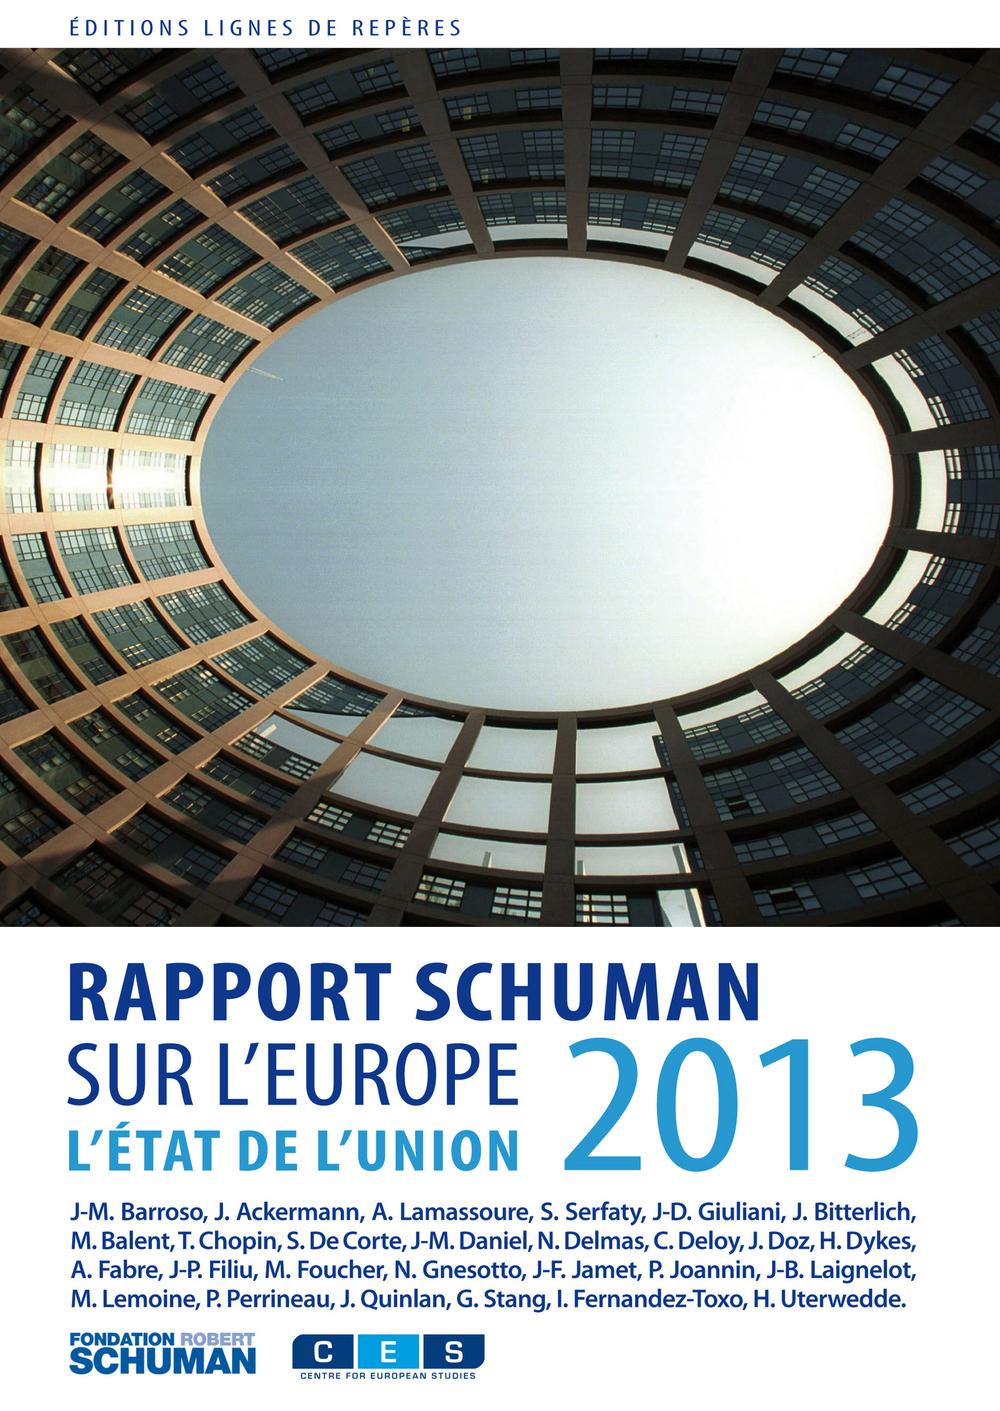 Etat de l'Union 2013, rapport Shuman sur l'Europe